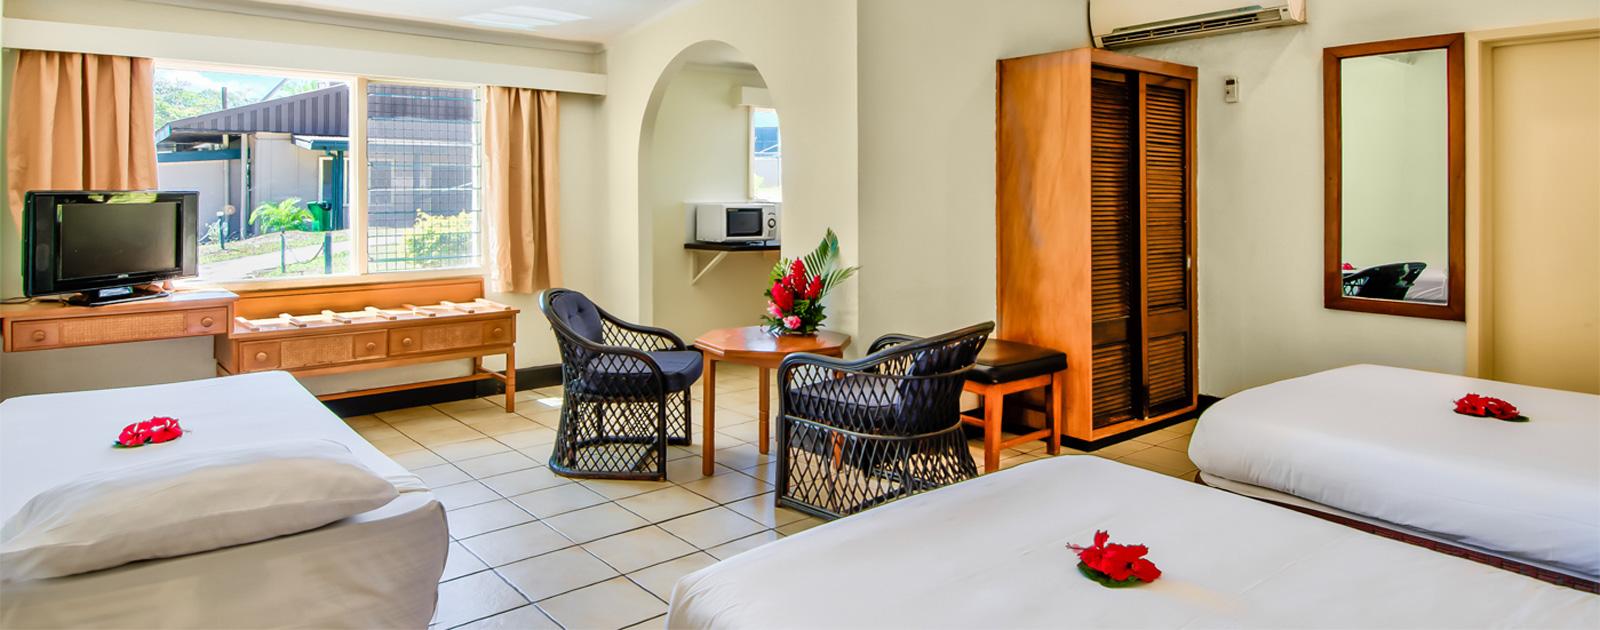 10 Best Hotels in Nadi